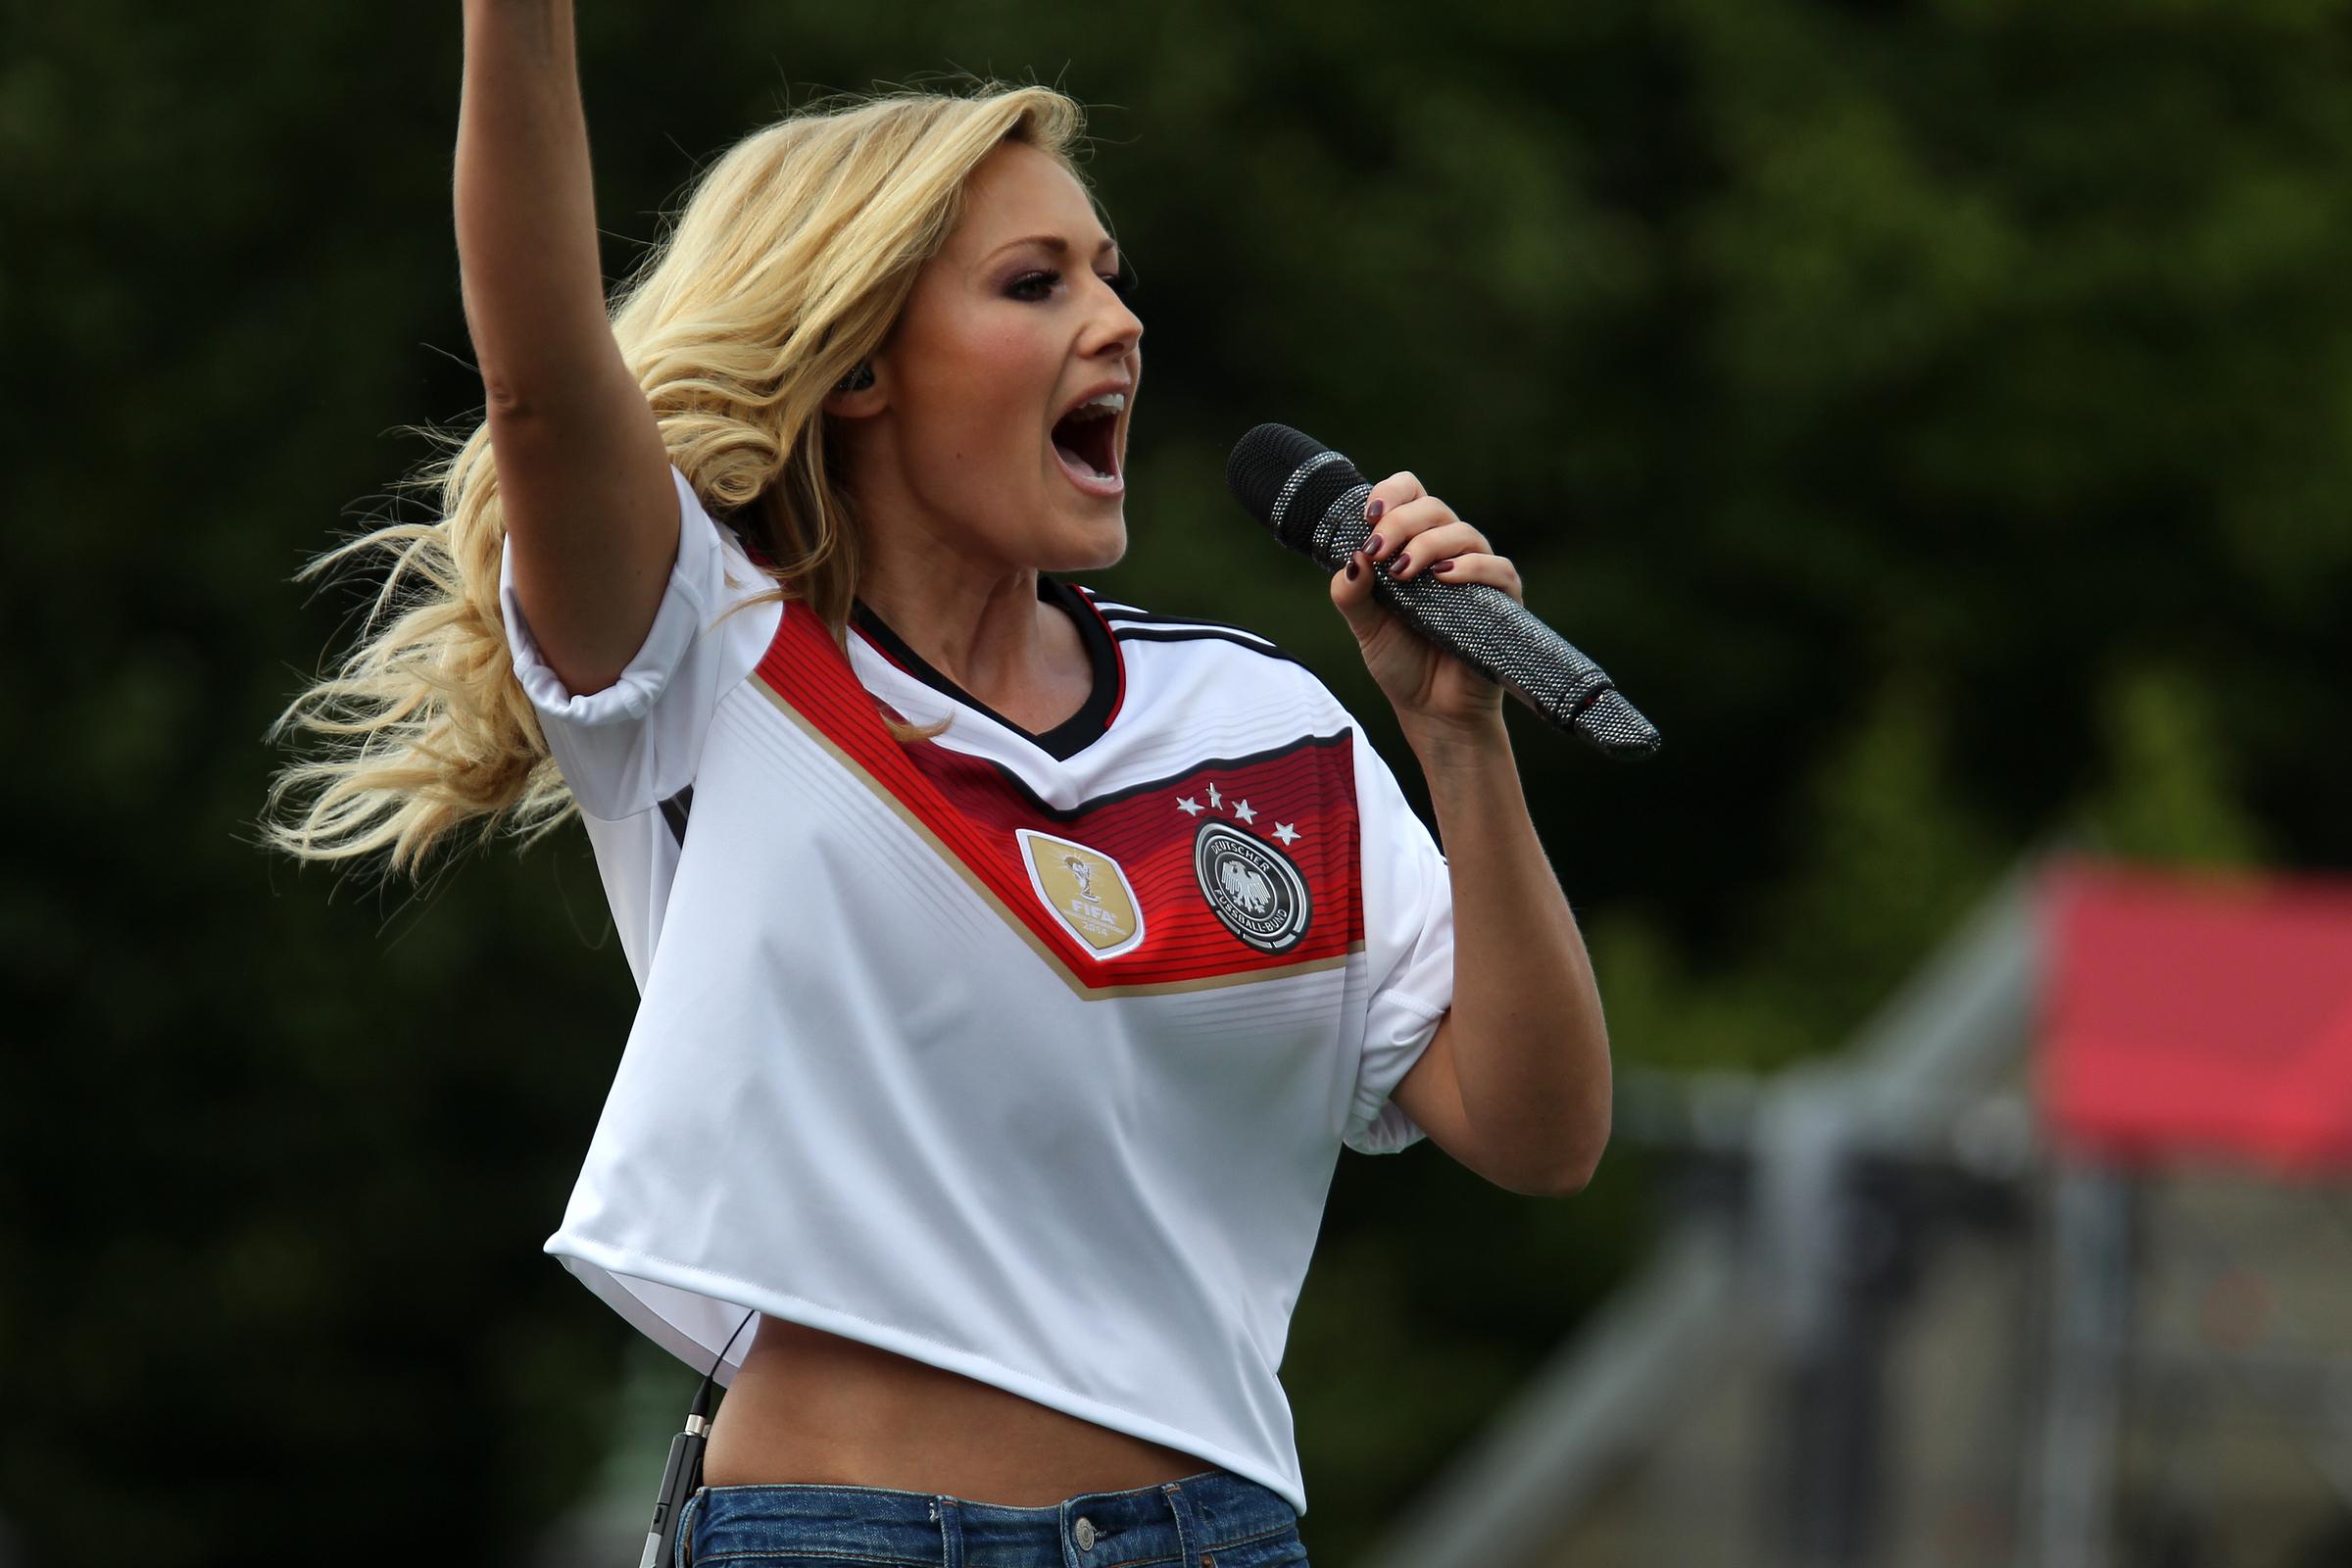 Helene Fischer singt mit der Mannschaft  Rückkehr der Deutschen Fussball Nationalmannschaft nach dem Titelgewinn Weltmeister